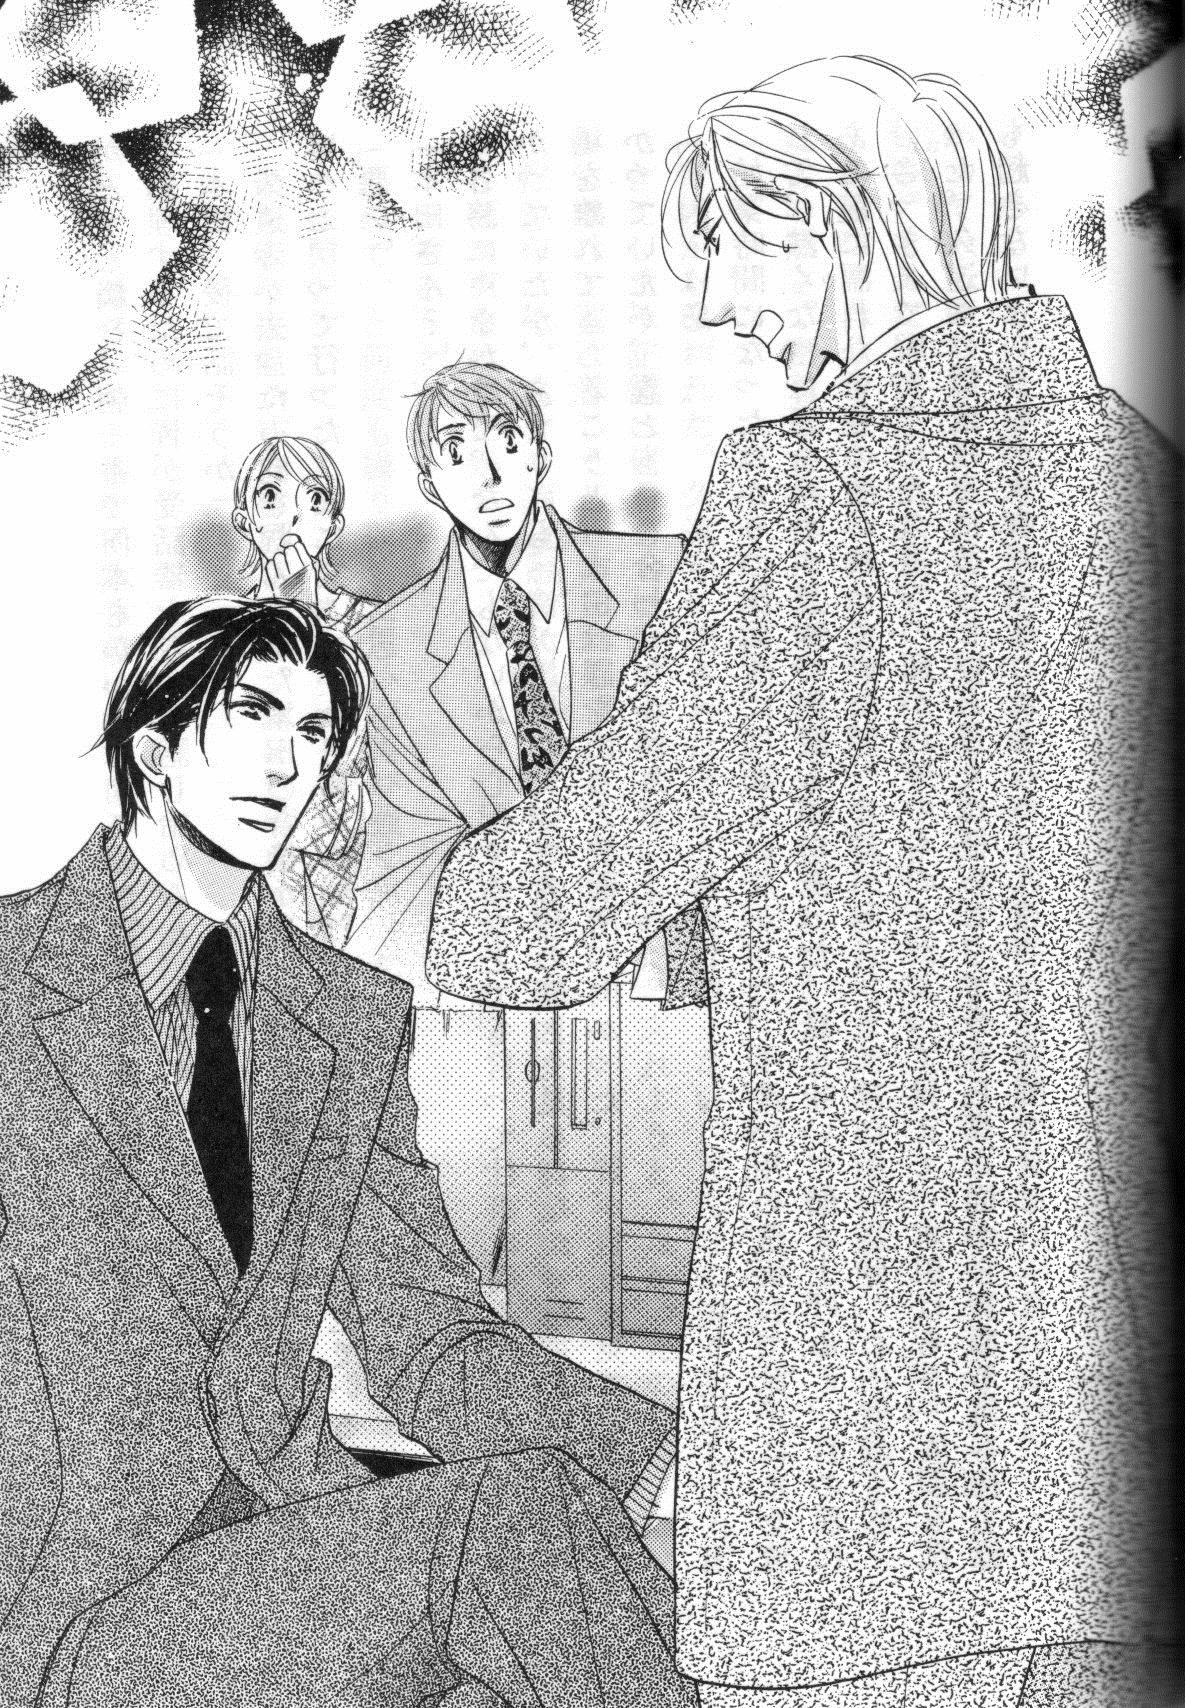 Shiawase ni Dekiru 01 (6)